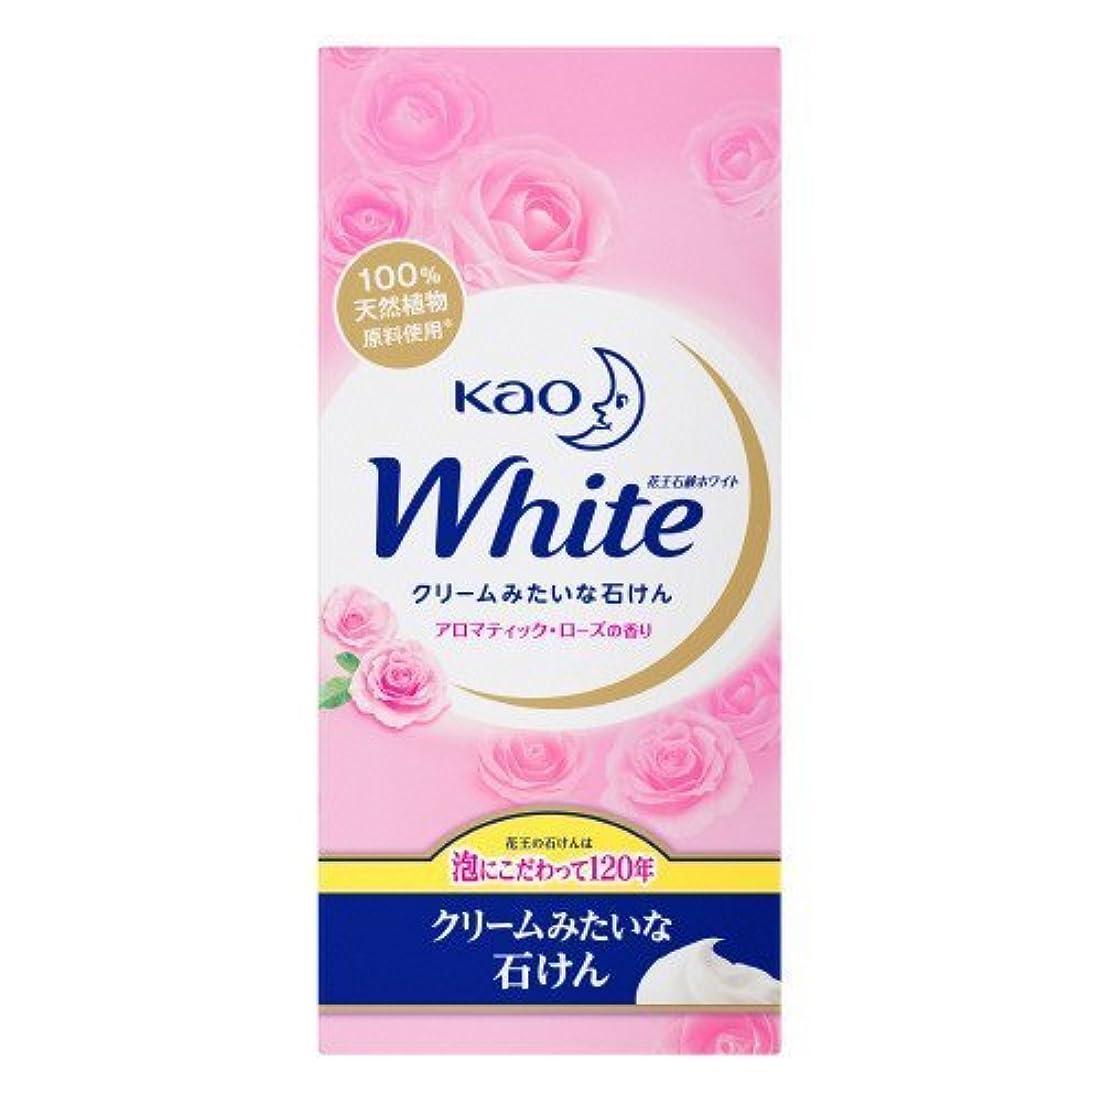 八百屋さん溶岩仮説【花王】花王ホワイト アロマティックローズの香りレギュラーサイズ (85g×6個) ×10個セット